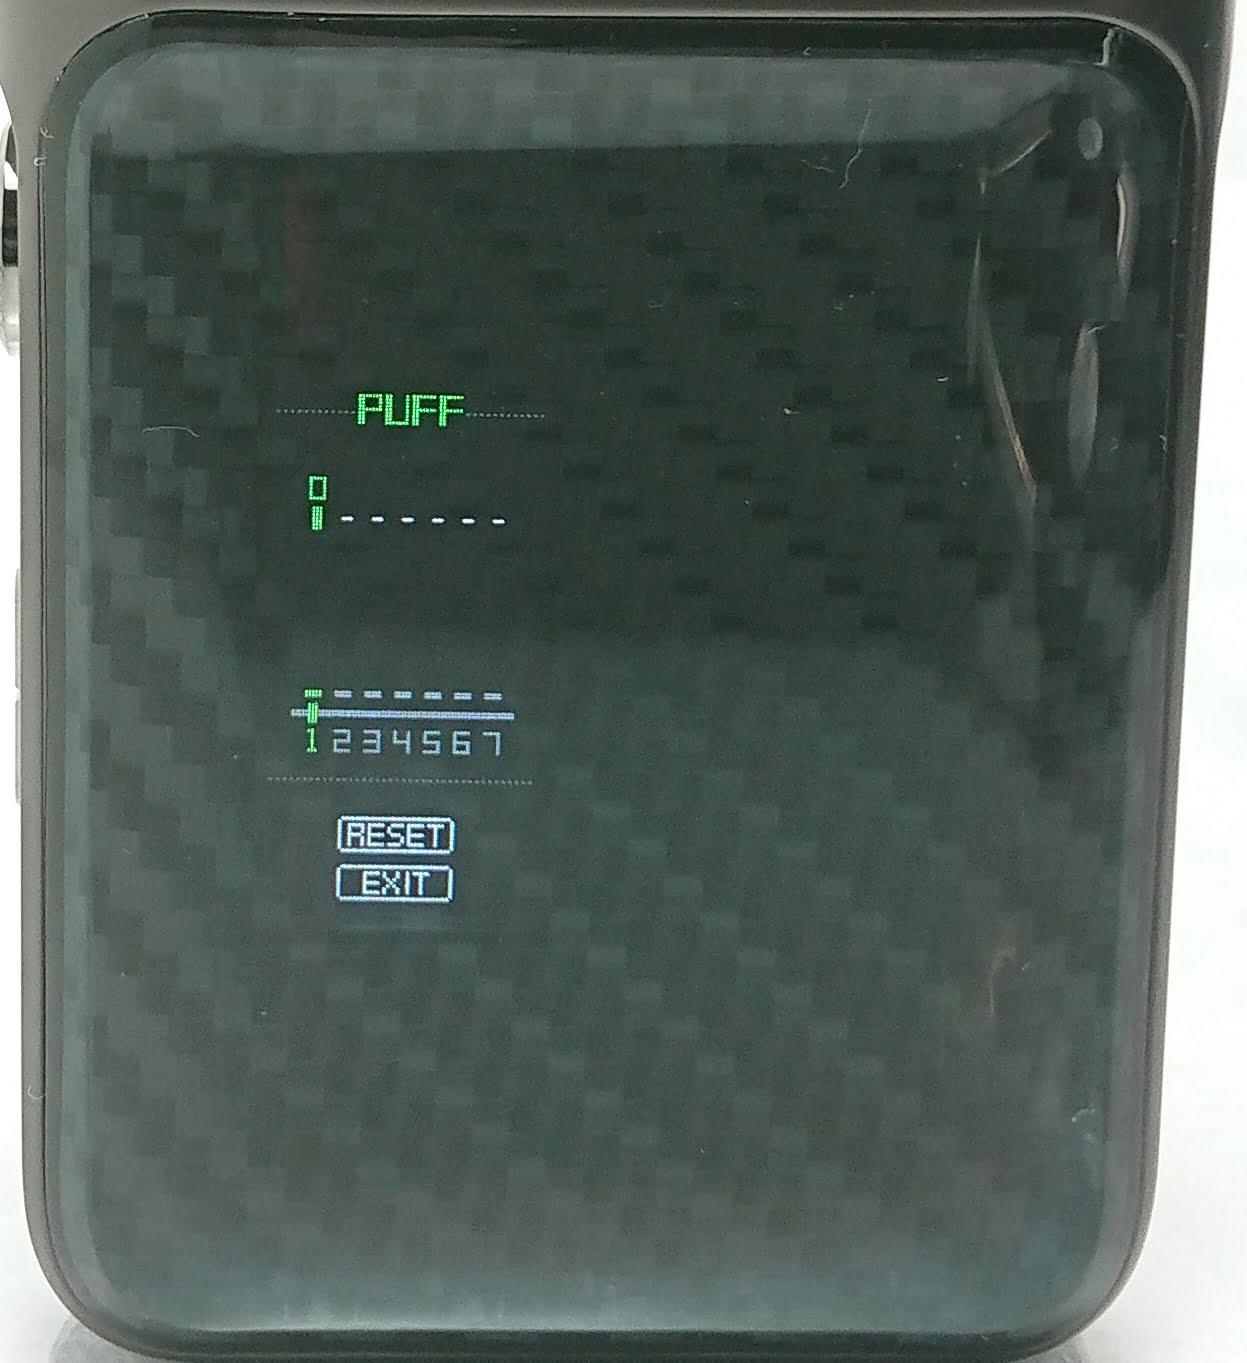 DSC 0725 - 【Vaporesso】SWAG PX80をレビュー!~ステルススクリーン搭載で18650バッテリー駆動の爆煙デバイス!~